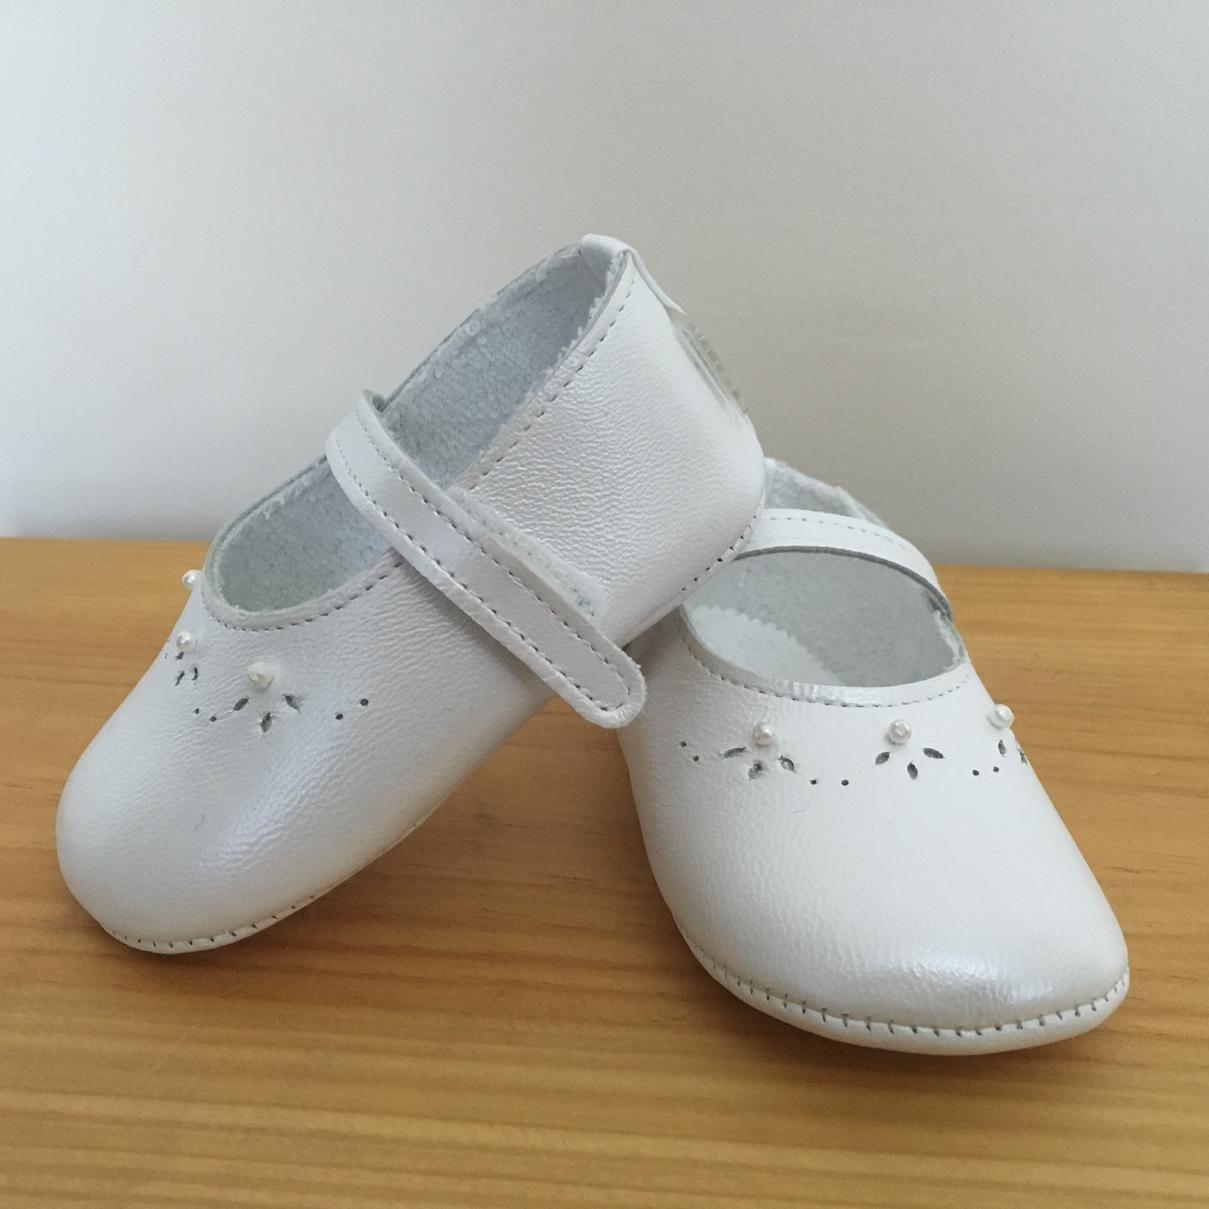 1f9652f3c55 Zapatos Piel para bebe - 50922. 22.8€. Zapatitos suaves de piel sin suela  para tu bebé. Ideal para bautizo. Fabricados en España.